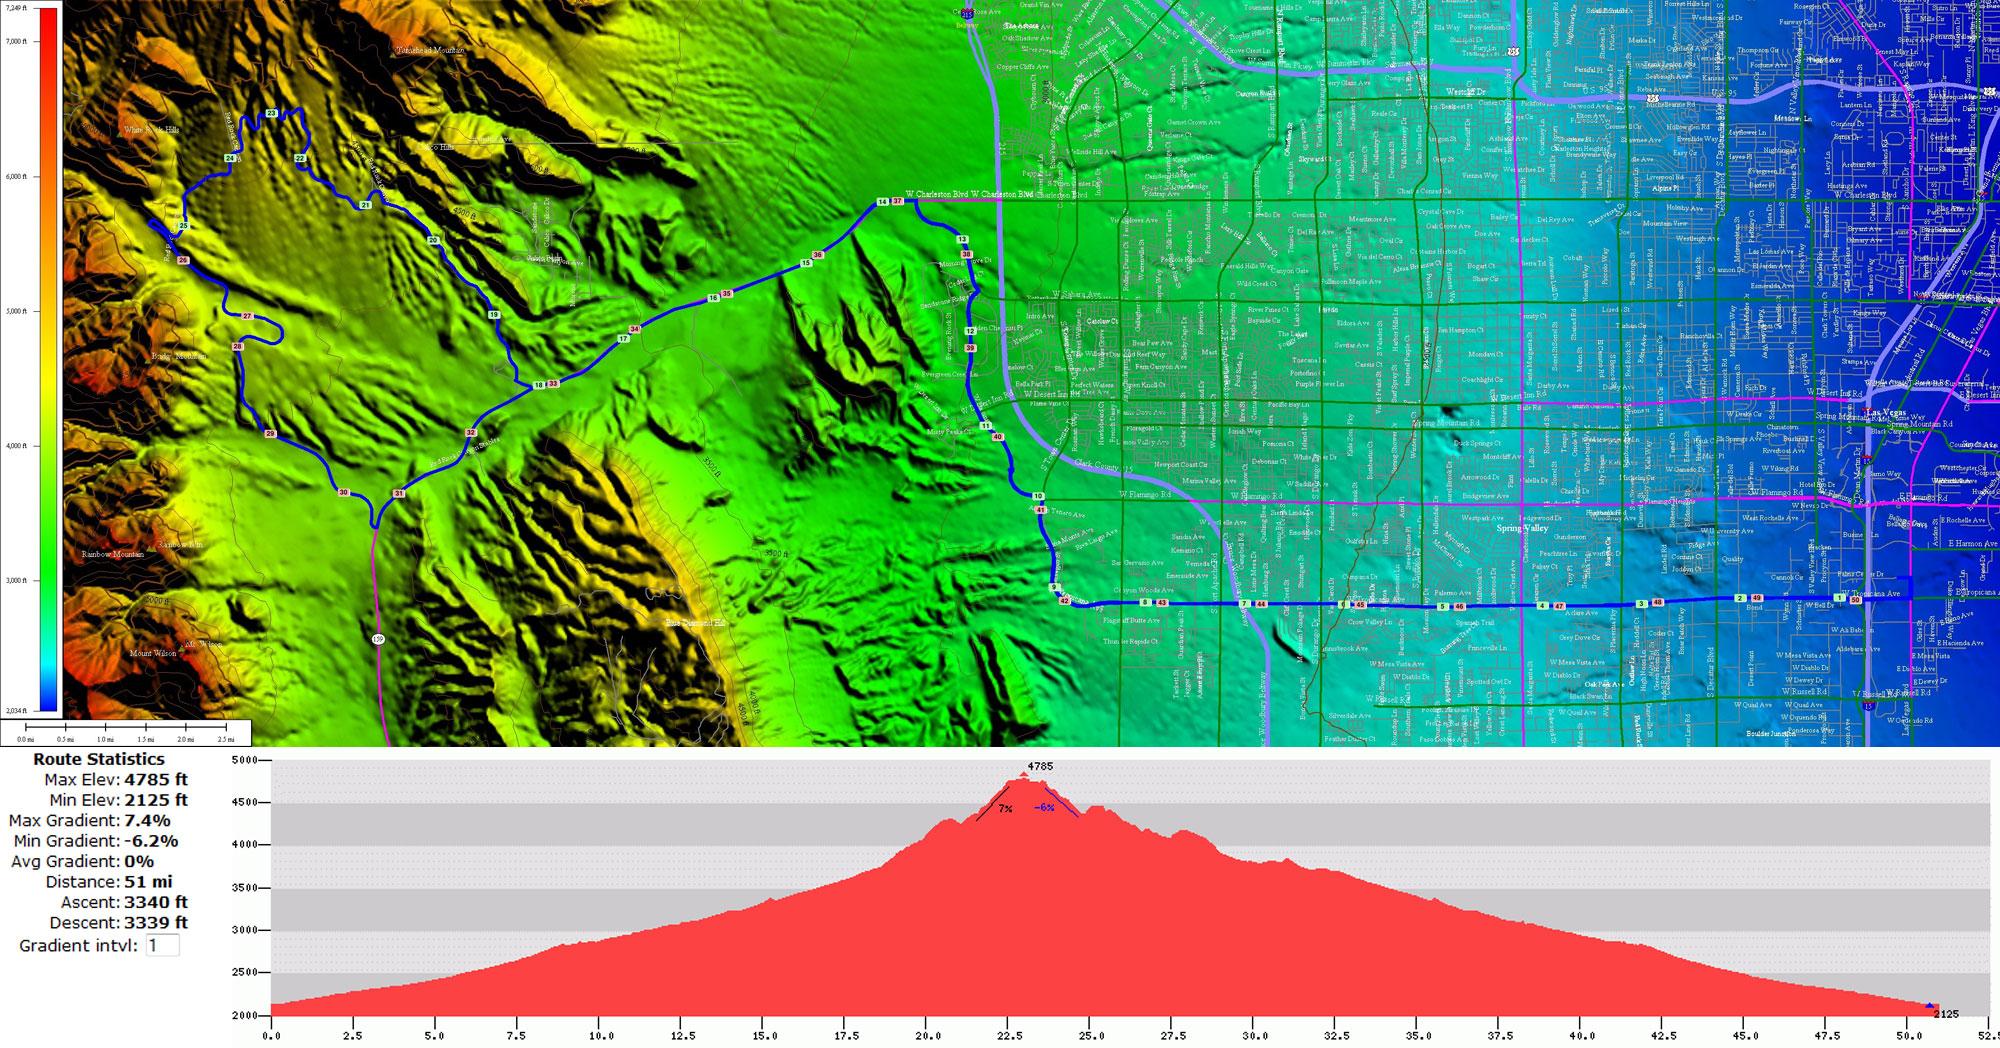 Las Vegas to Red Rock Canyon